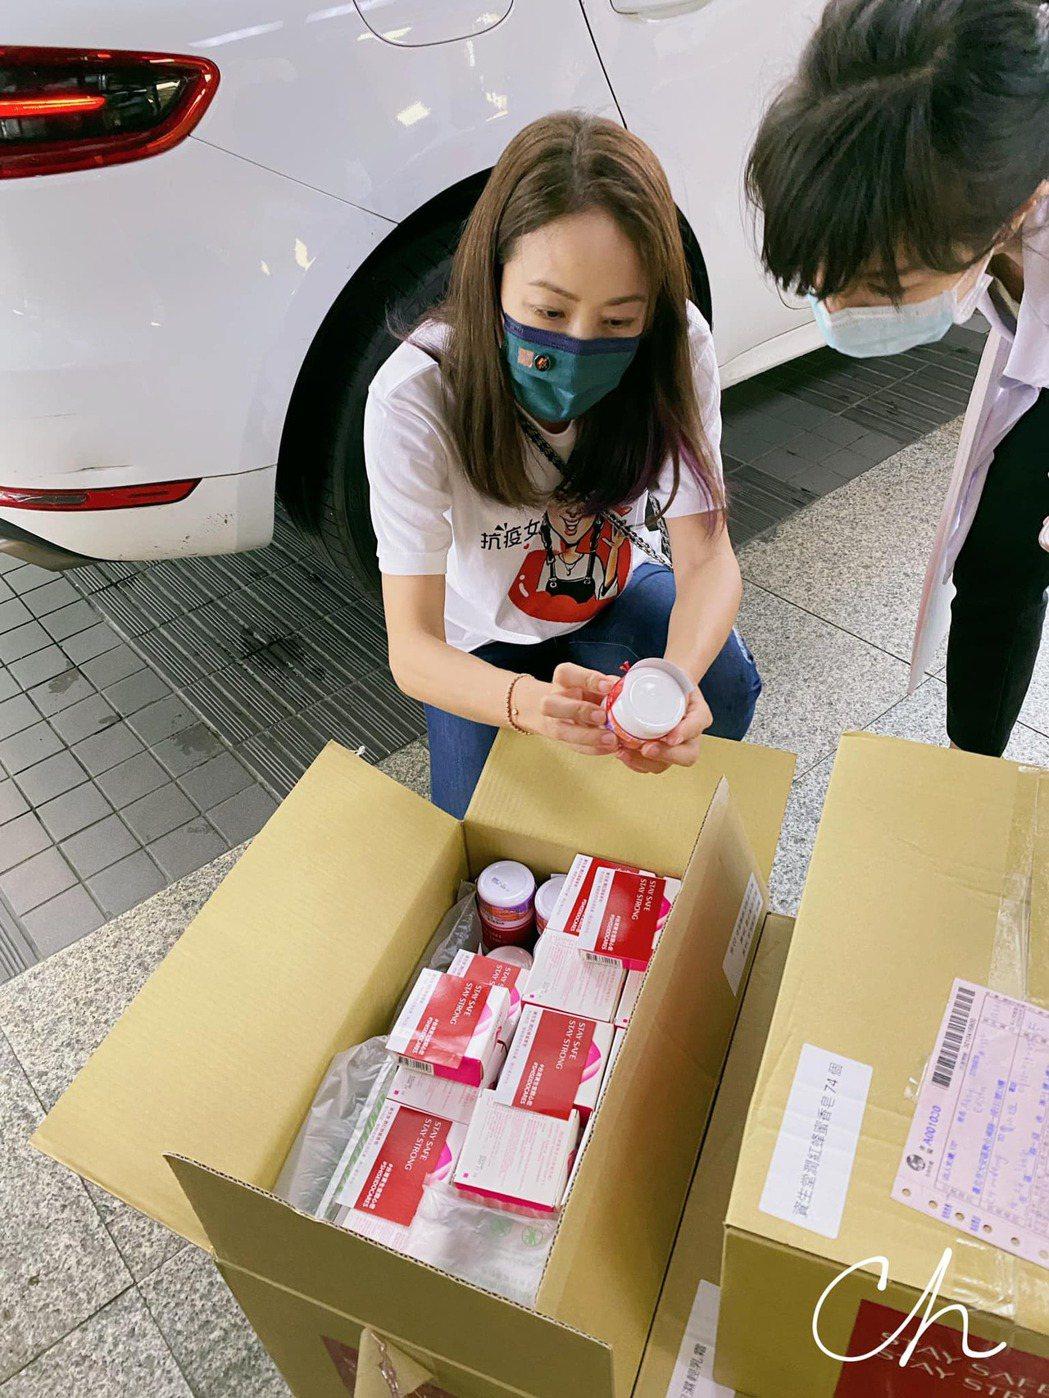 賈永婕努力奔走各醫院,幫助了不少人。圖/摘自賈永婕臉書